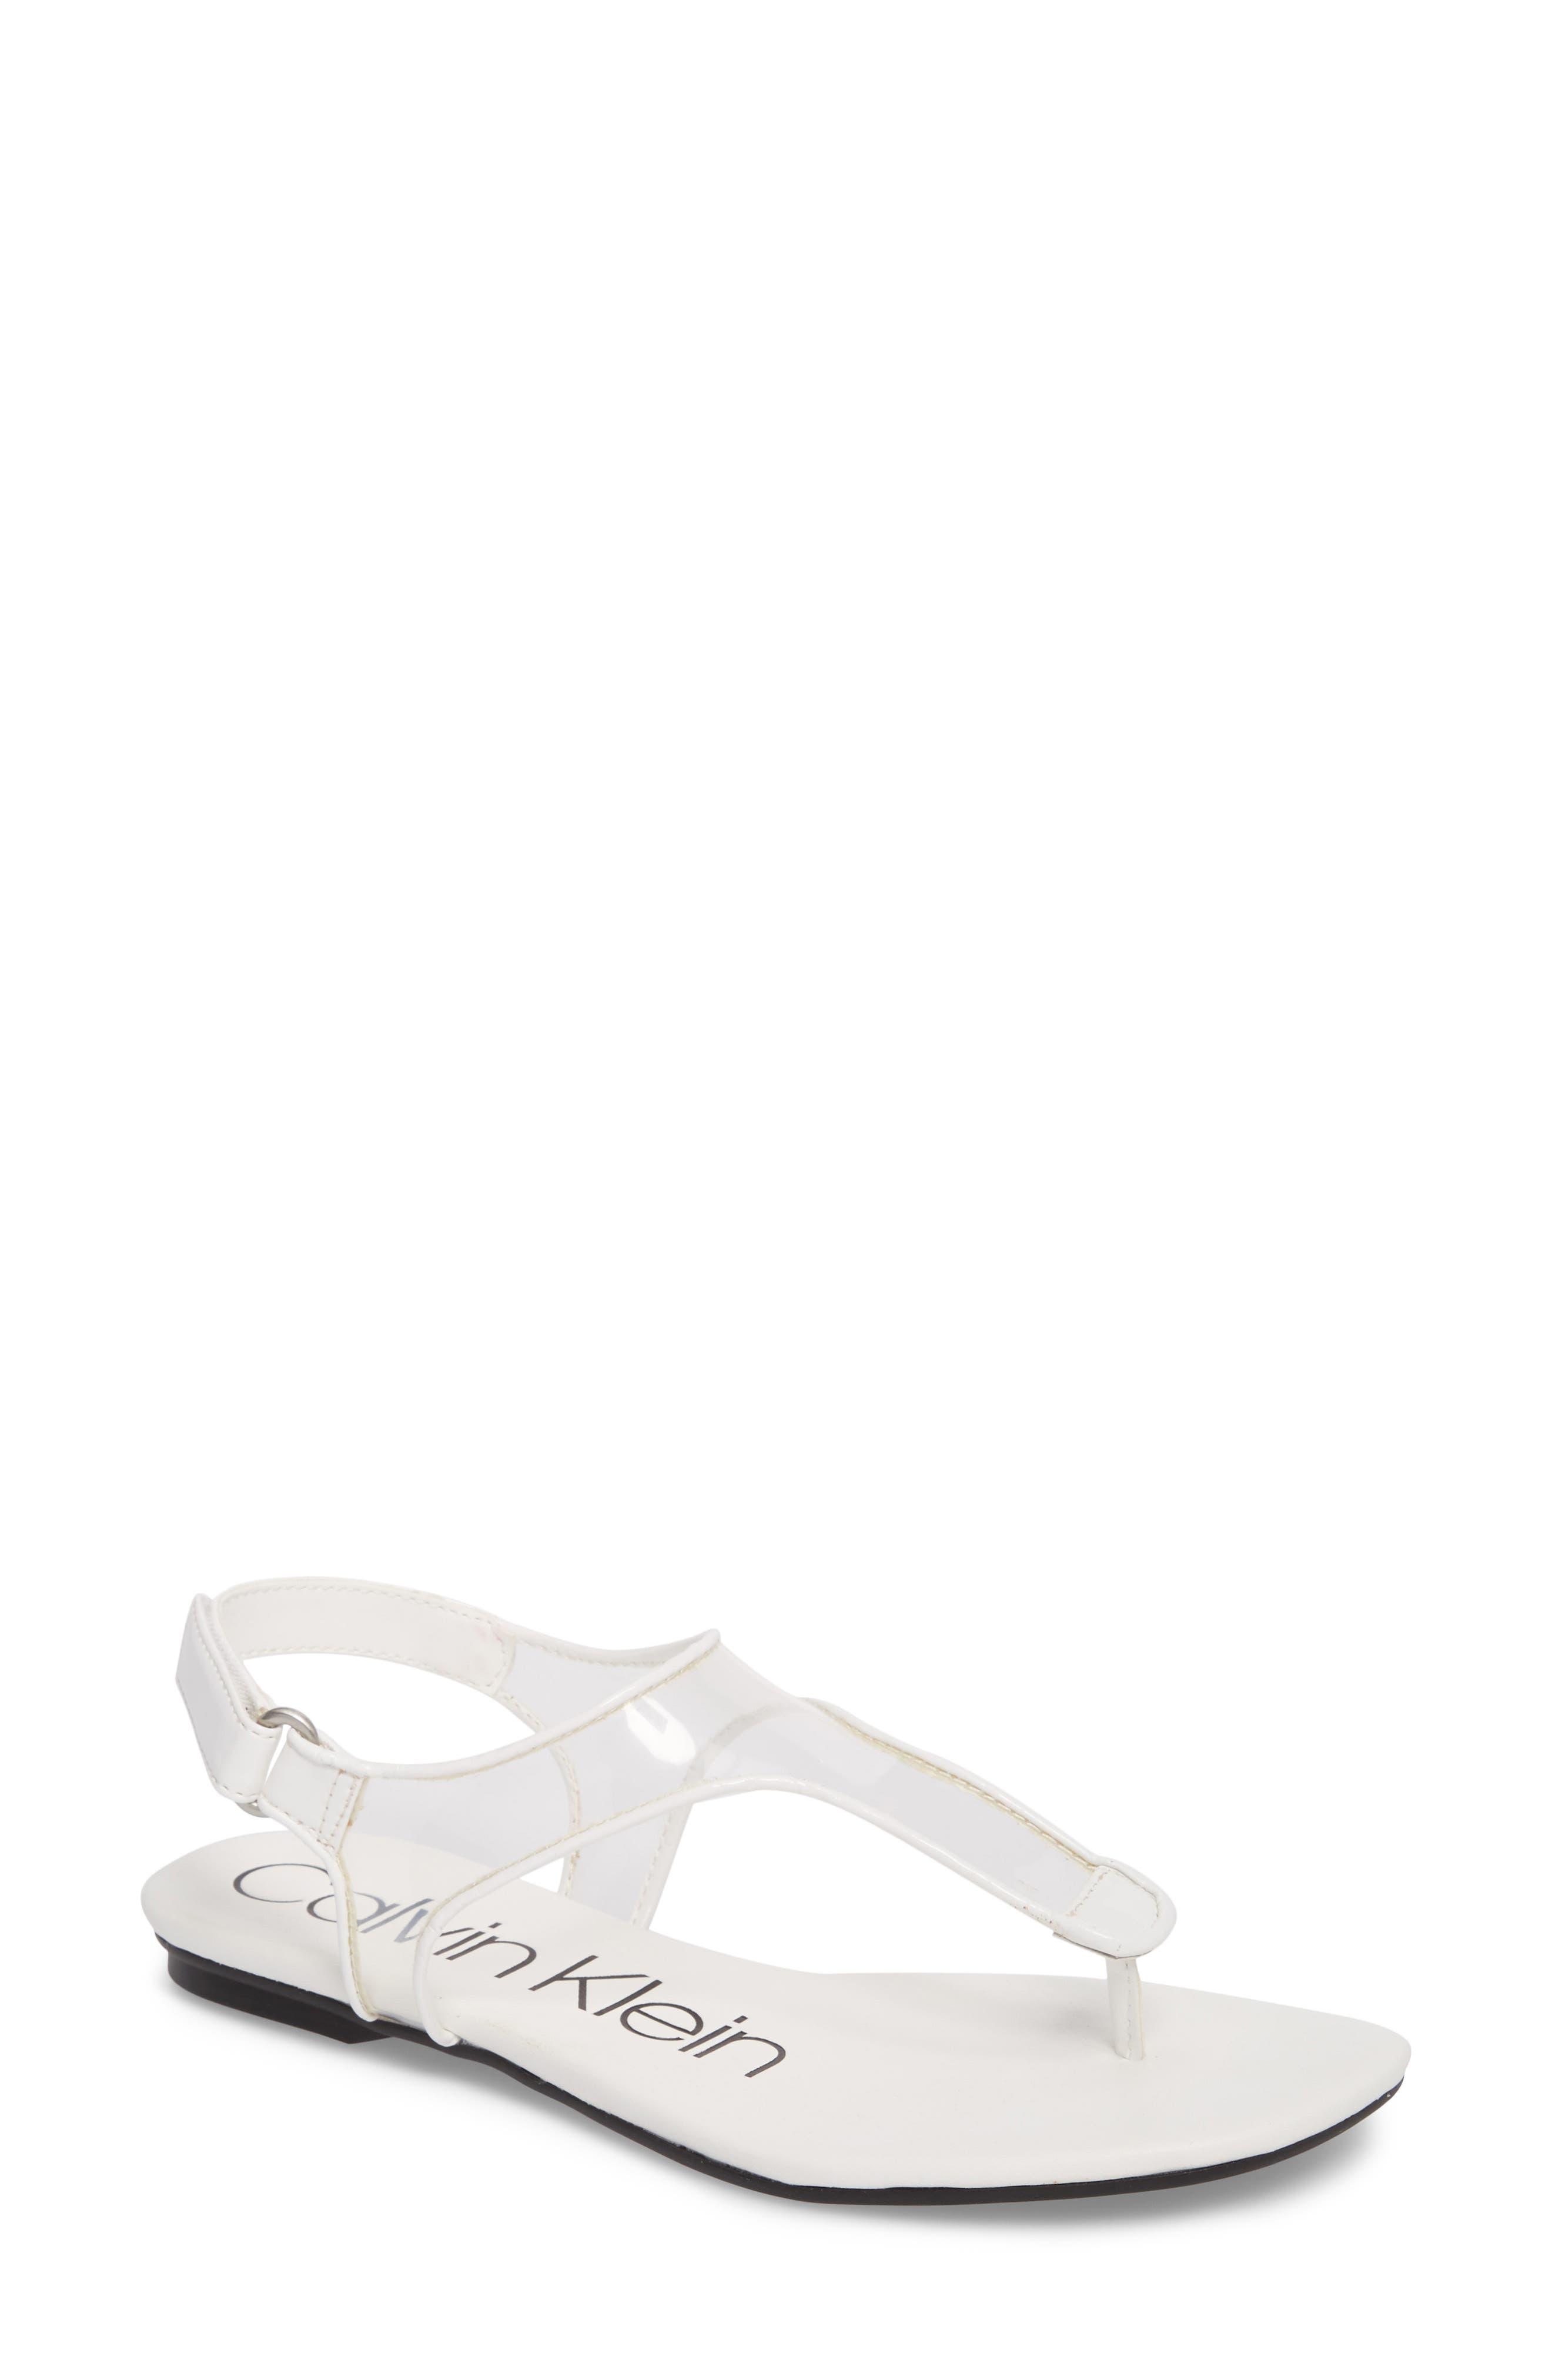 Shilo Clear Strap Sandal,                             Main thumbnail 1, color,                             Platinum White Faux Leather